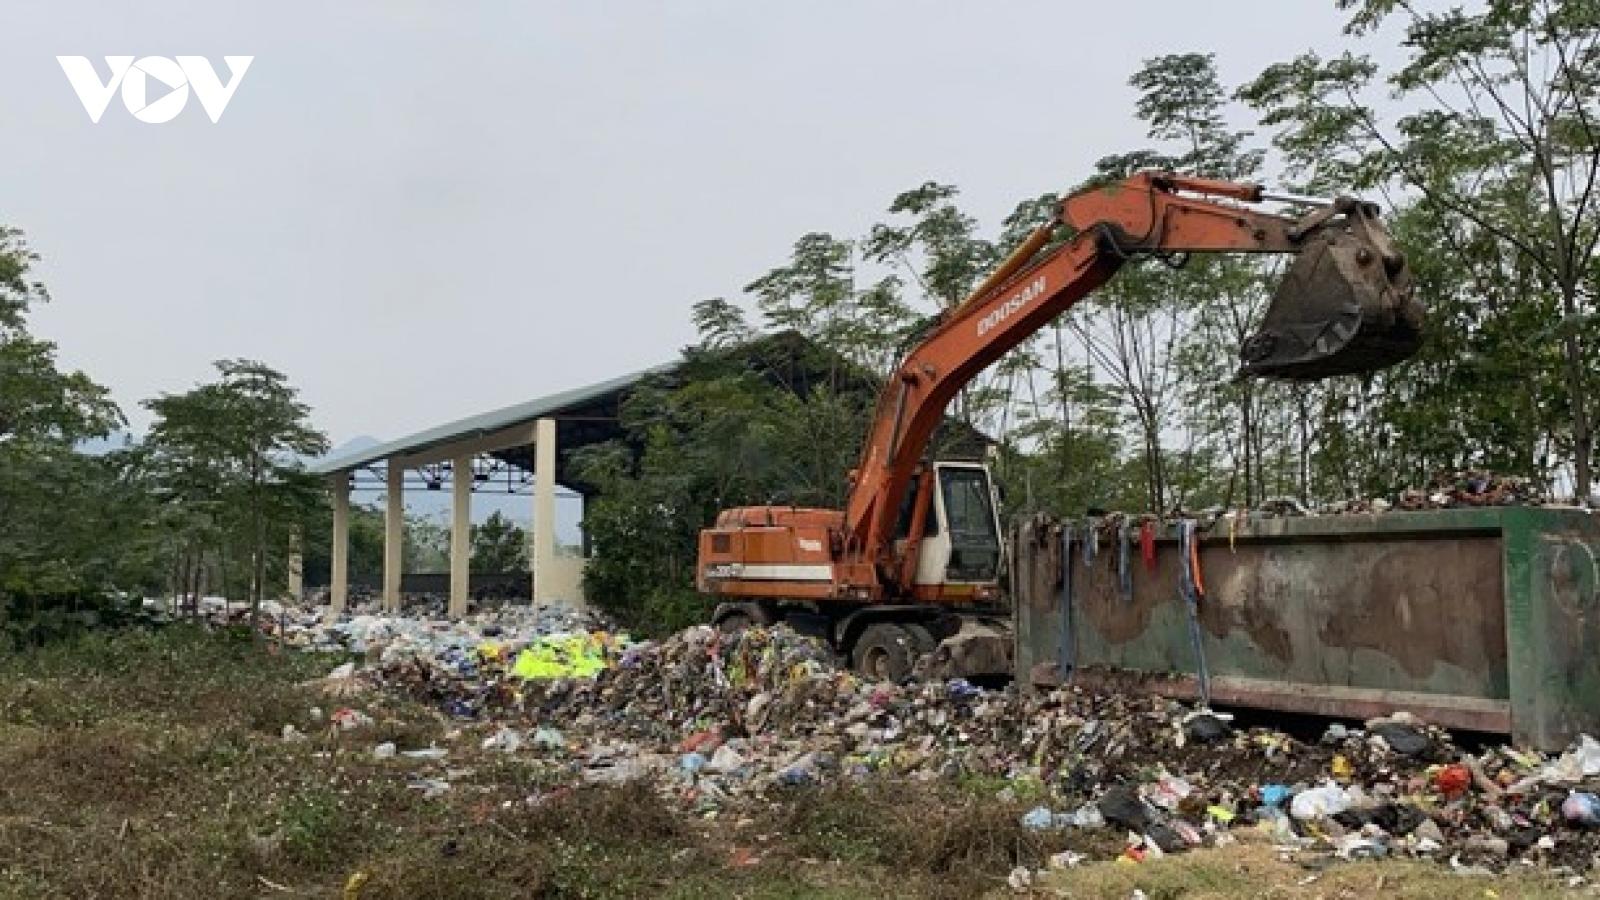 Núi rác 10.000 tấn ở Mỹ Đức (Hà Nội): Ai chịu trách nhiệm?